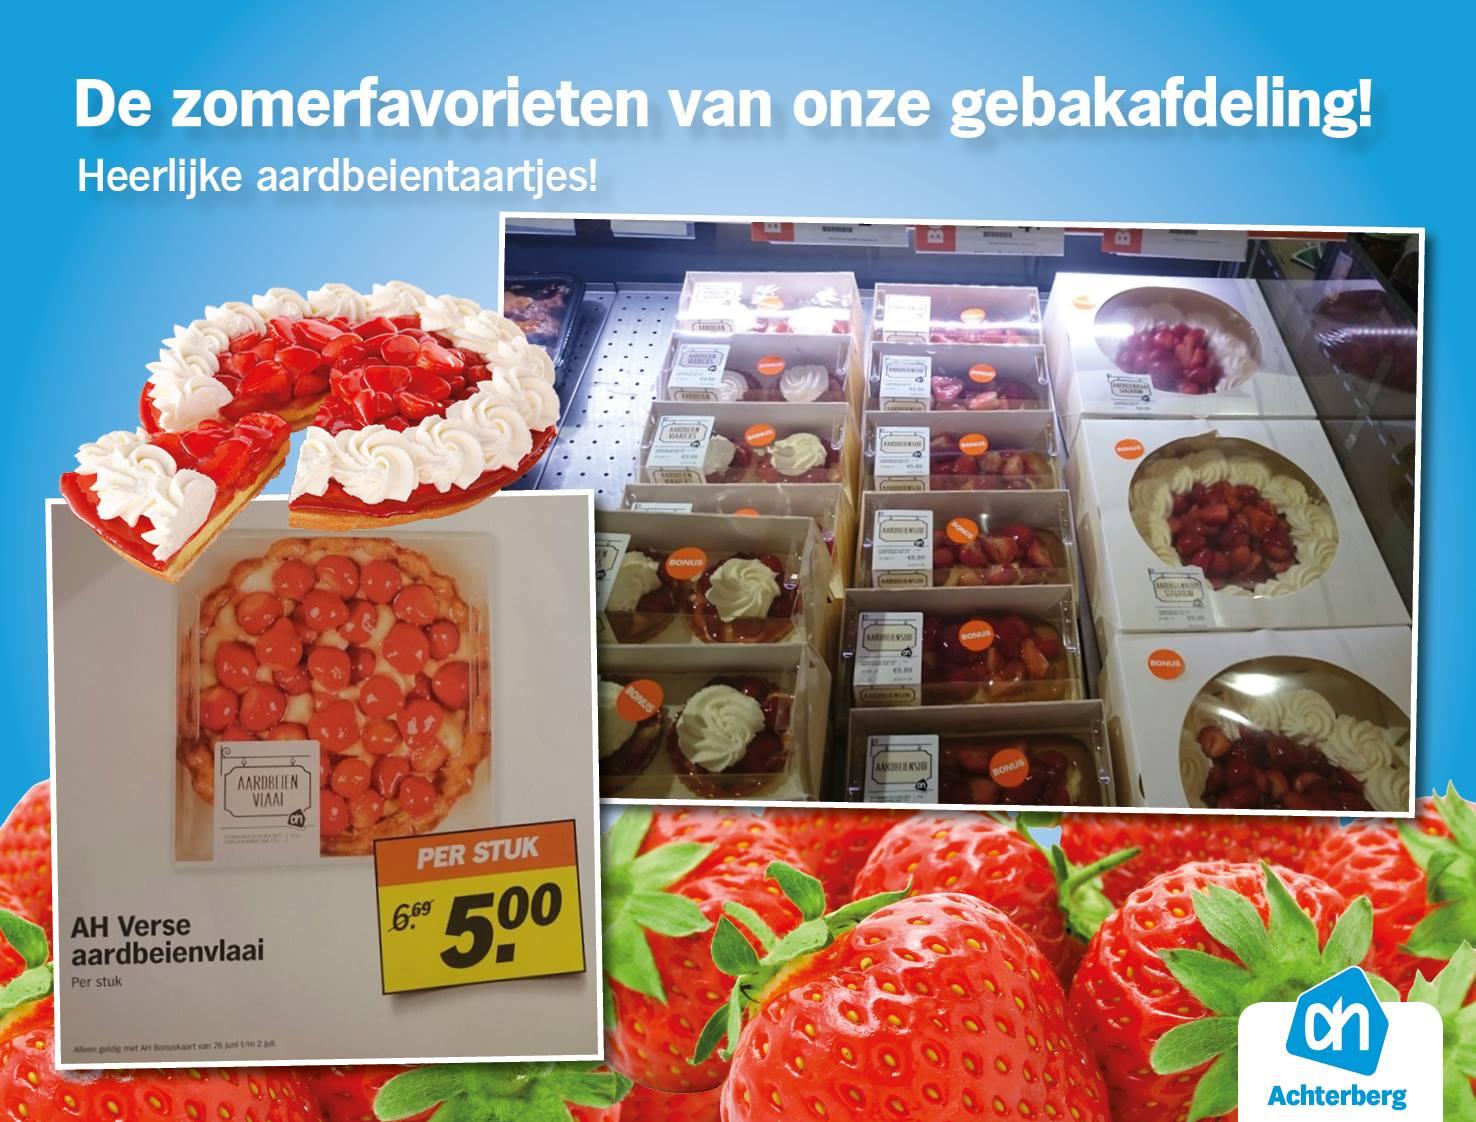 De zomerfavorieten van onze gebakafdeling! Heerlijke aardbeientaartjes!